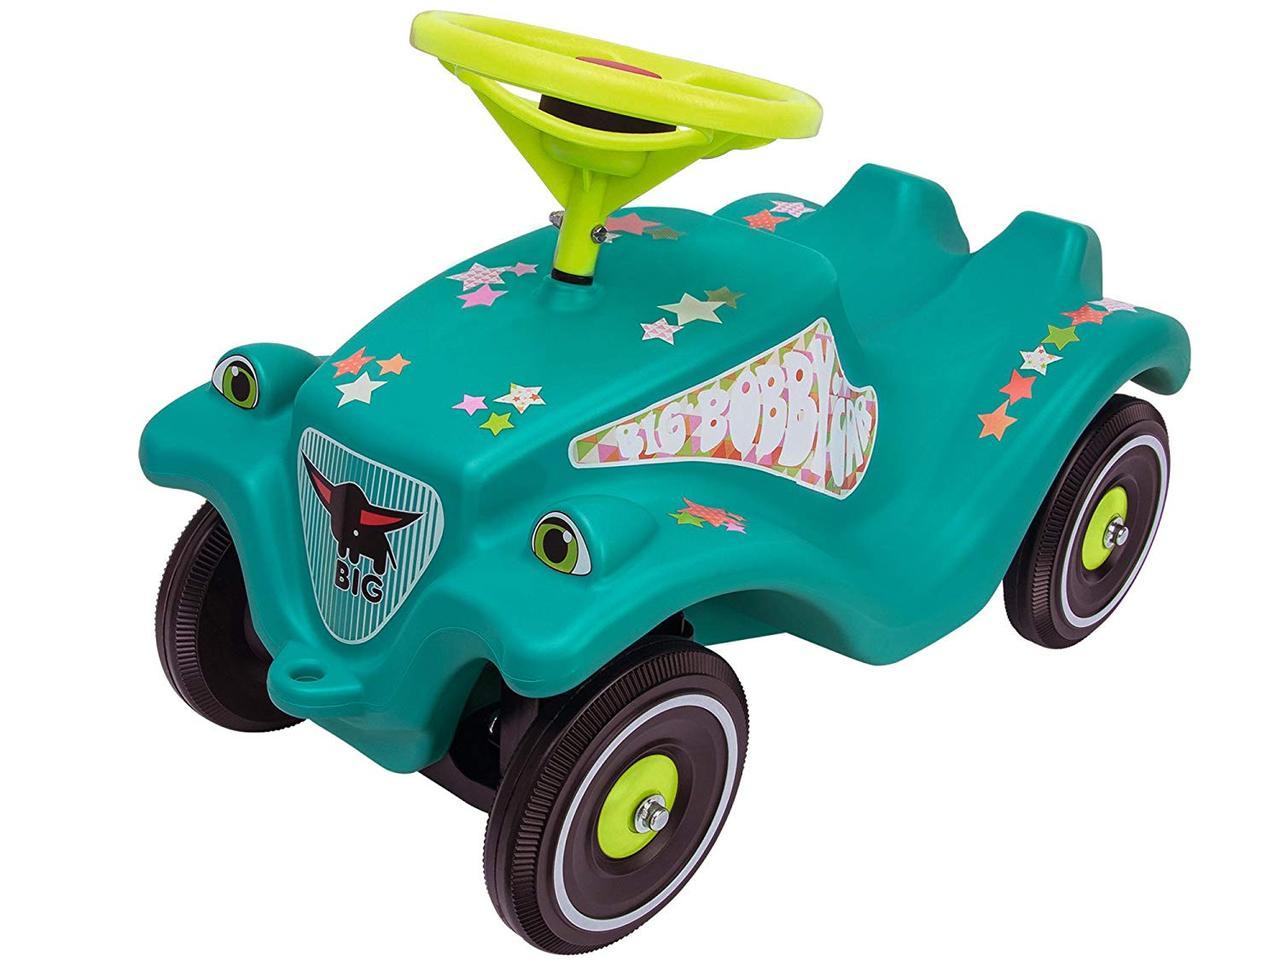 Машинка Big автомобиль каталка Звезда  и защитные накладки 56108